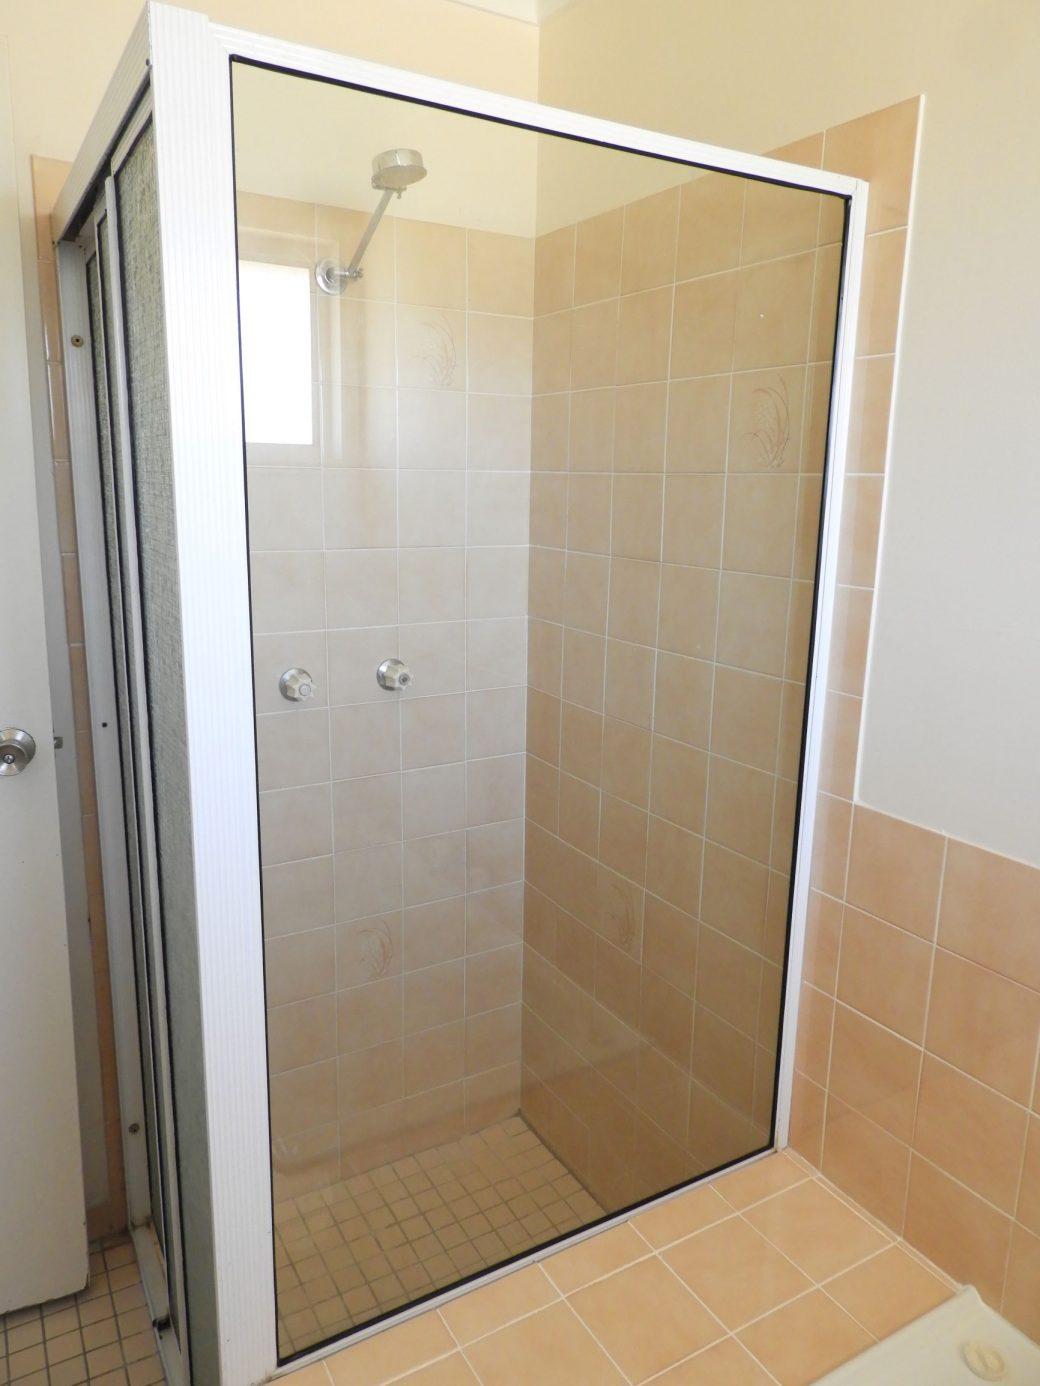 Bathroom DSCN0573 Shower